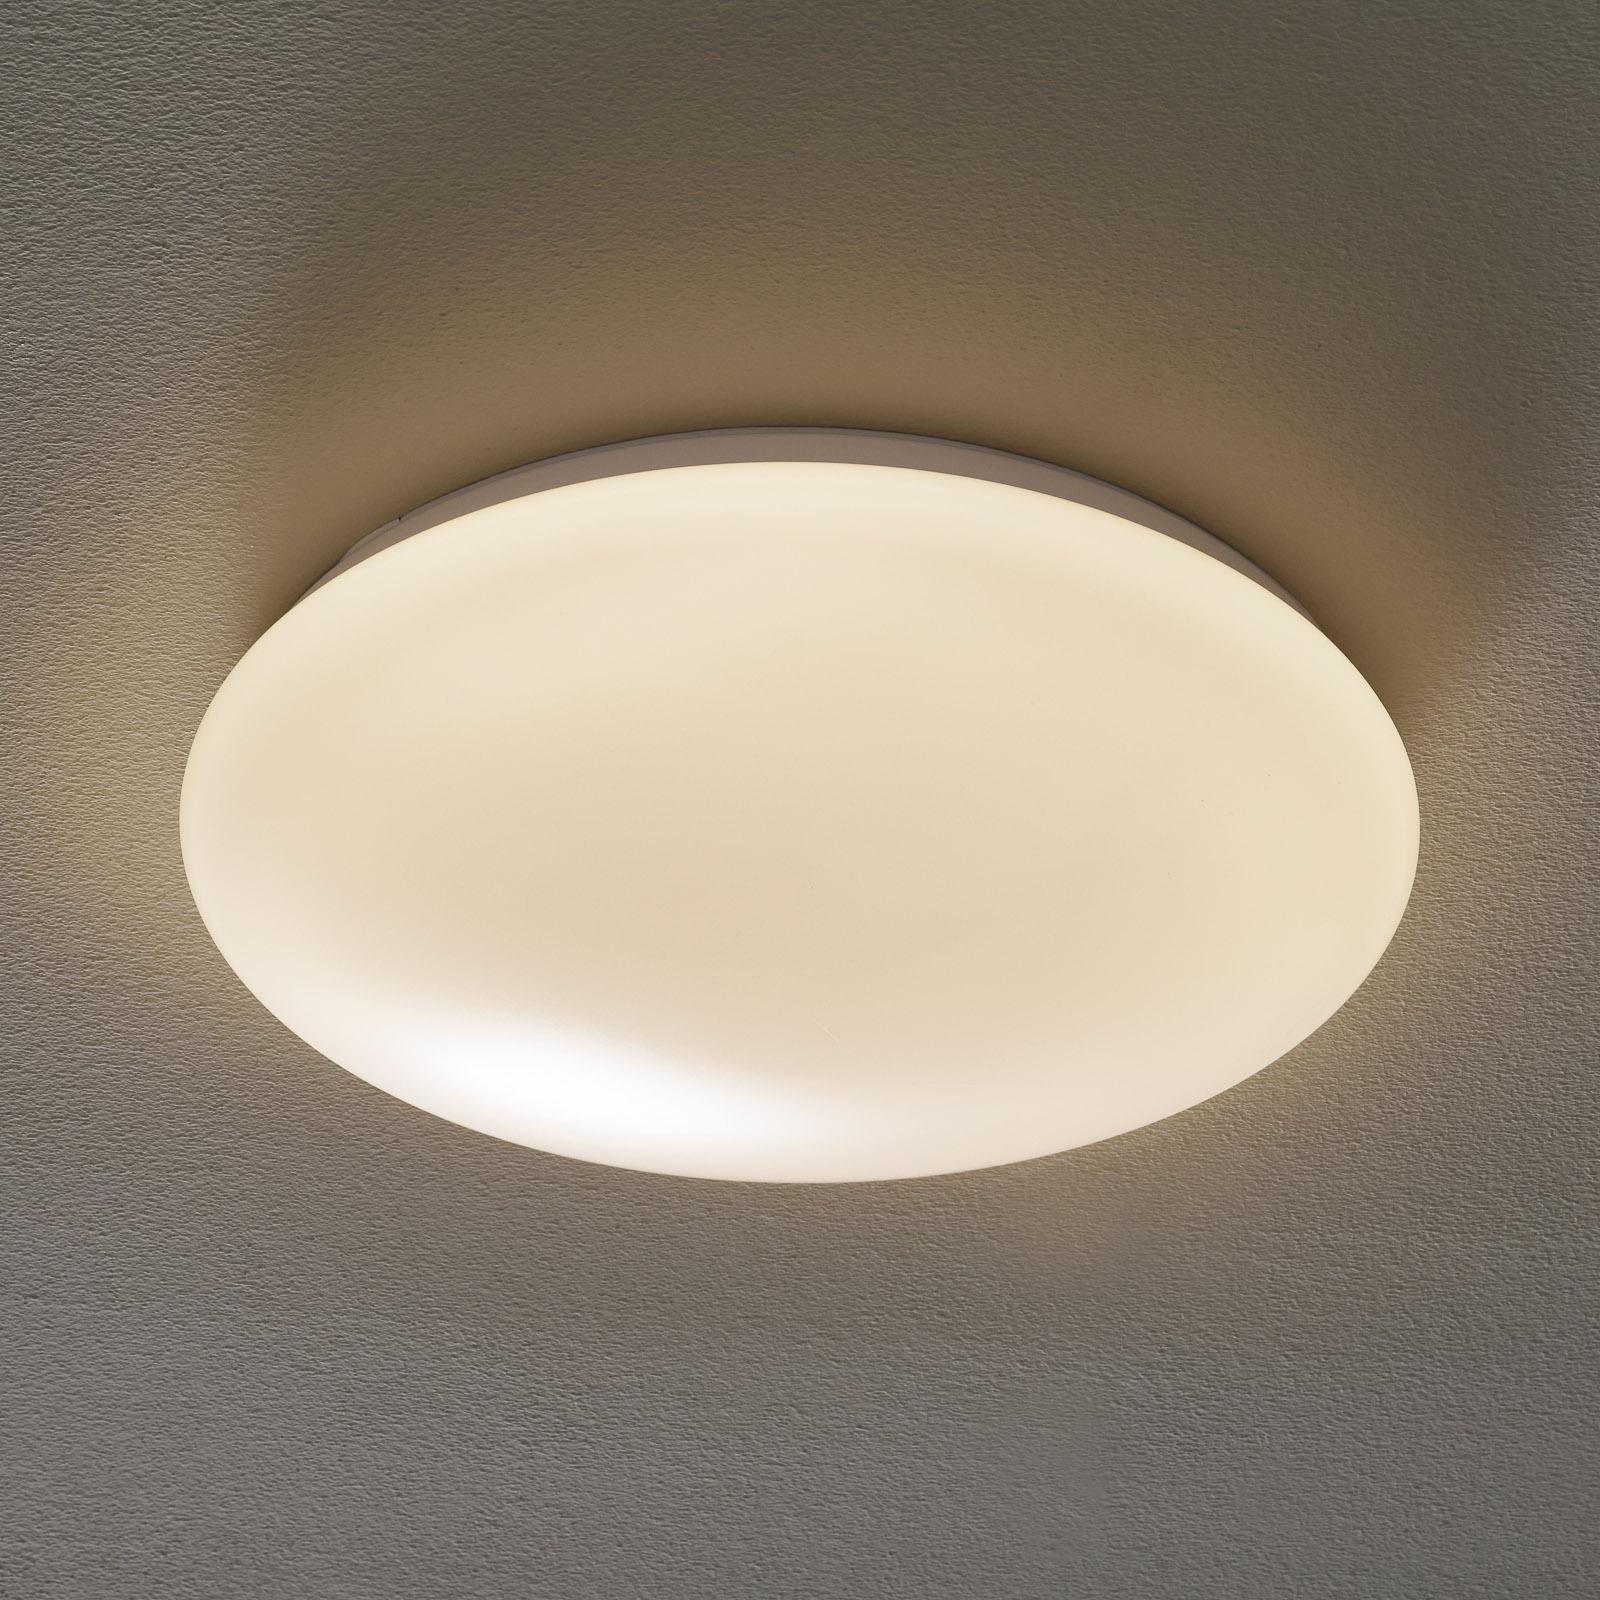 LED-Deckenlampe Altona LW3, warmweiß Ø 38,5 cm